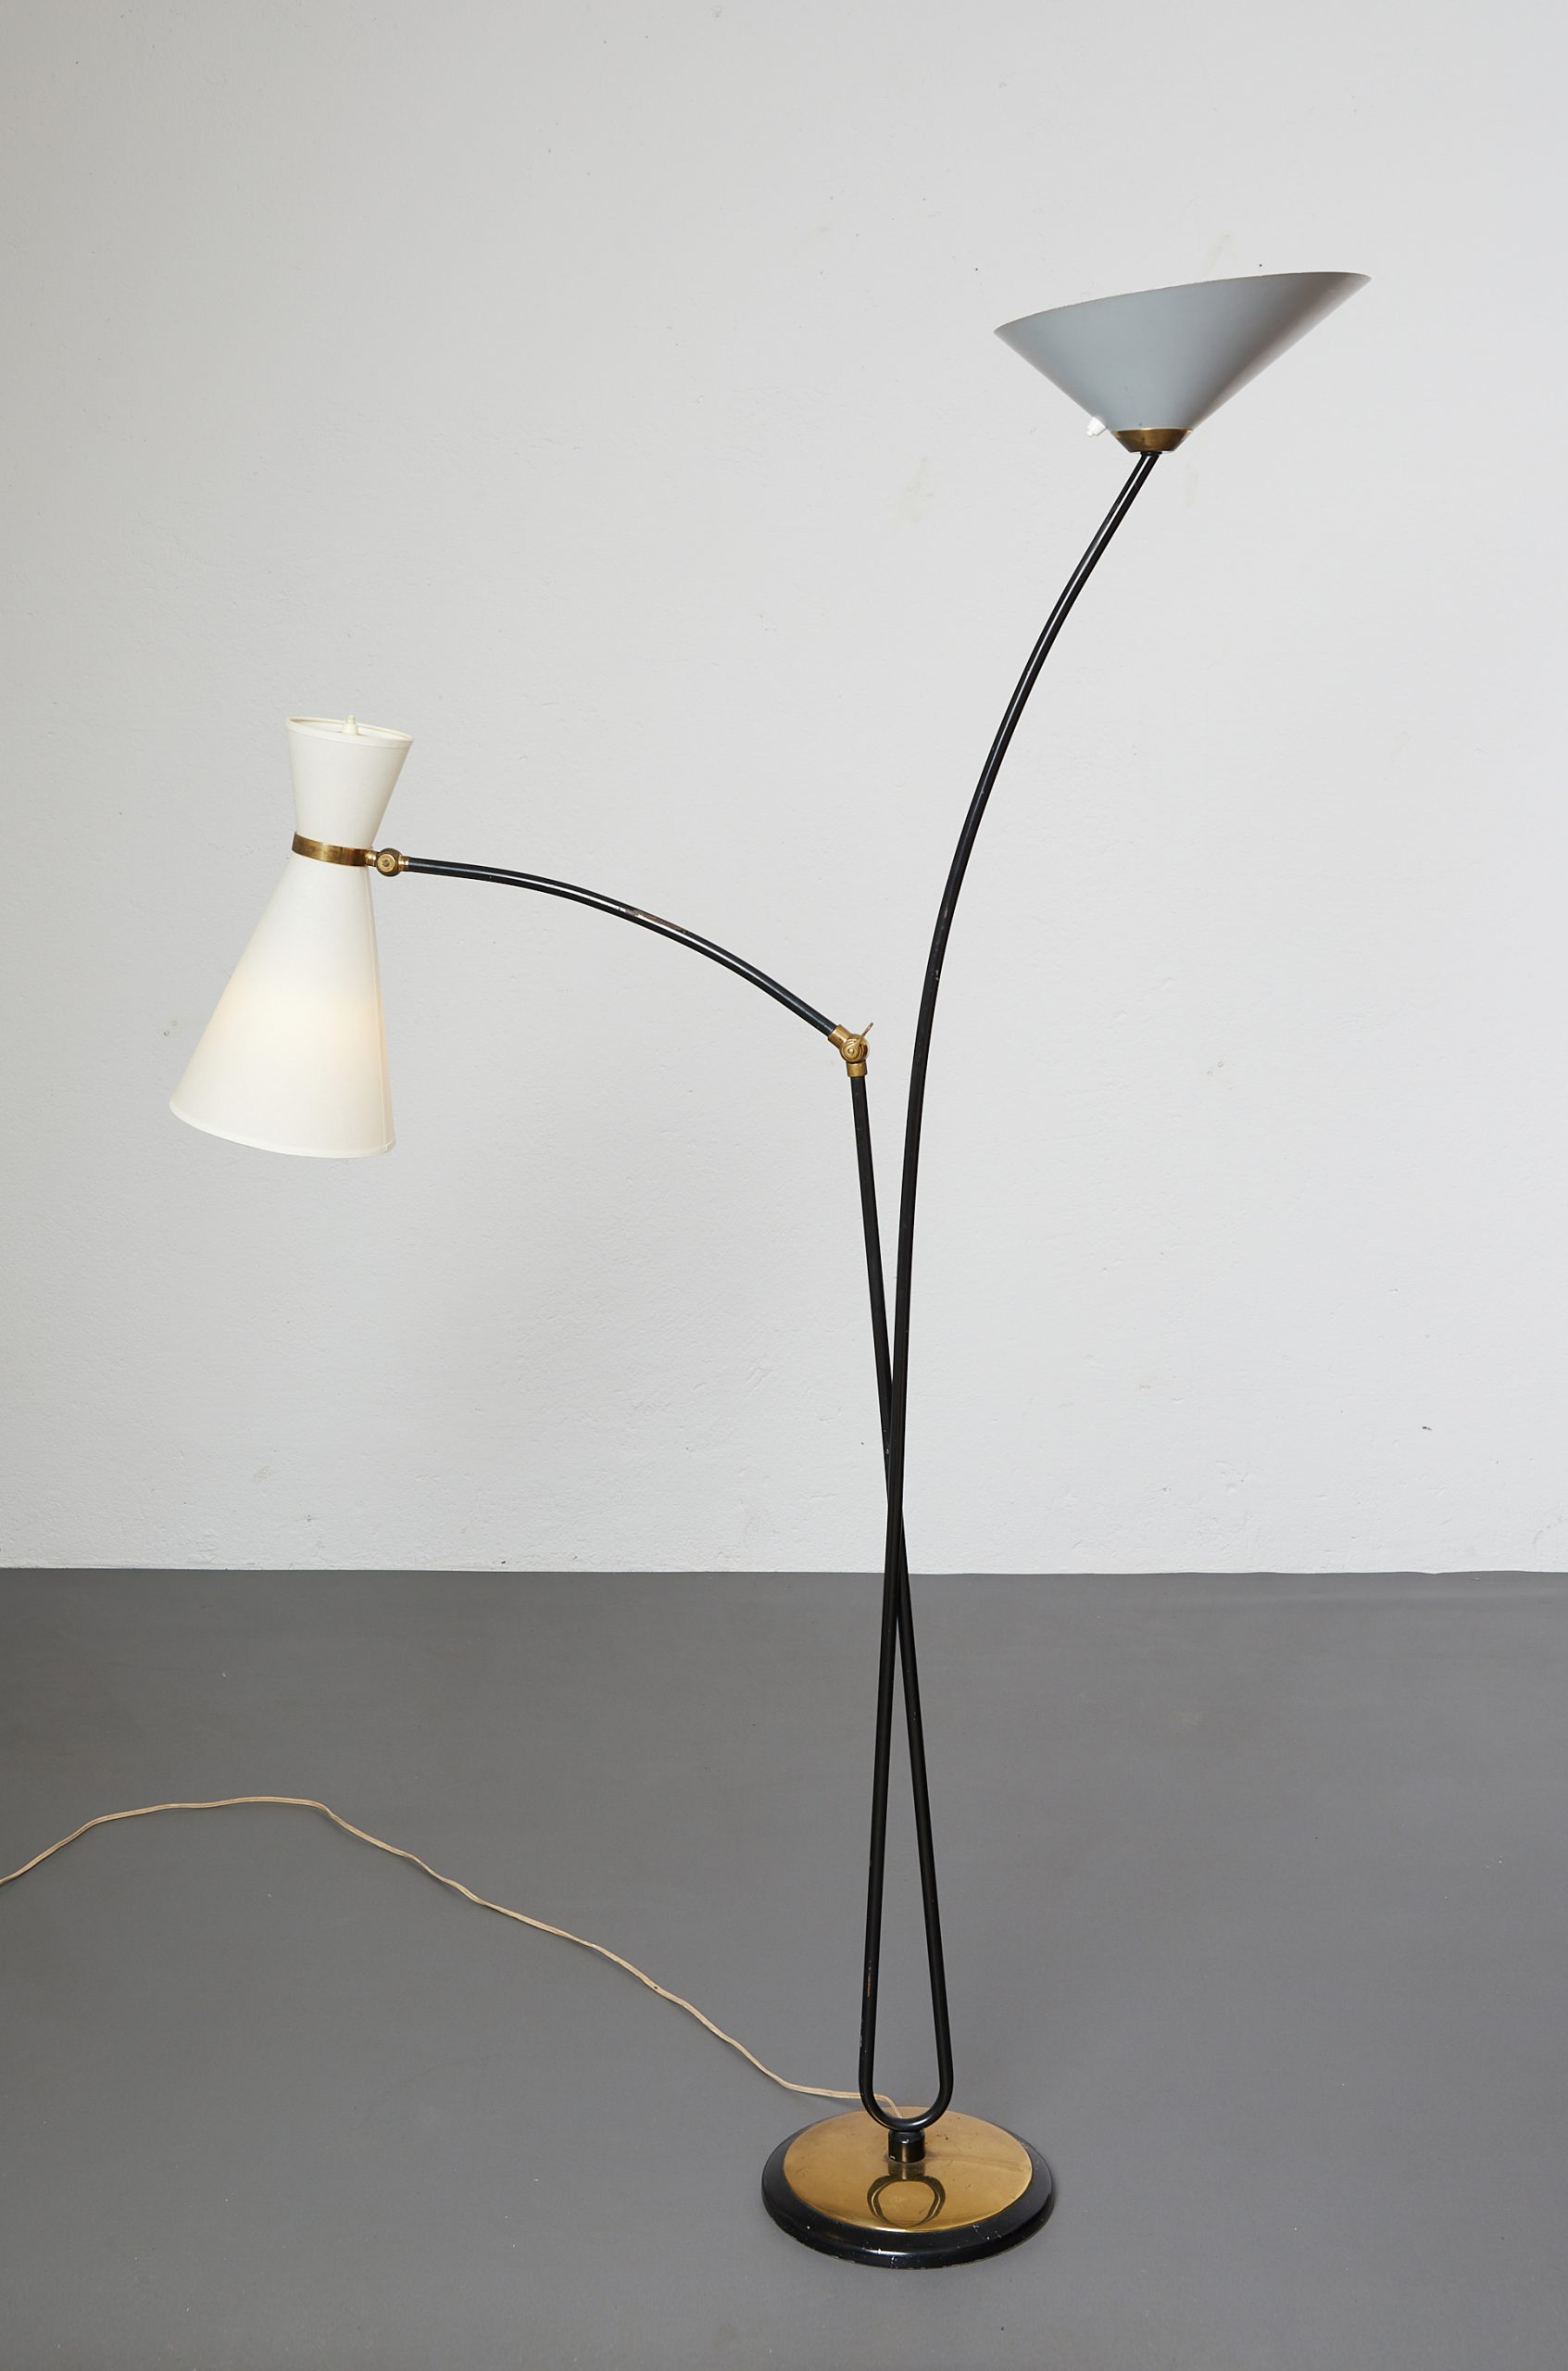 lampe-de-sol-a-deux-bras-suisse-1950-ca-image-01